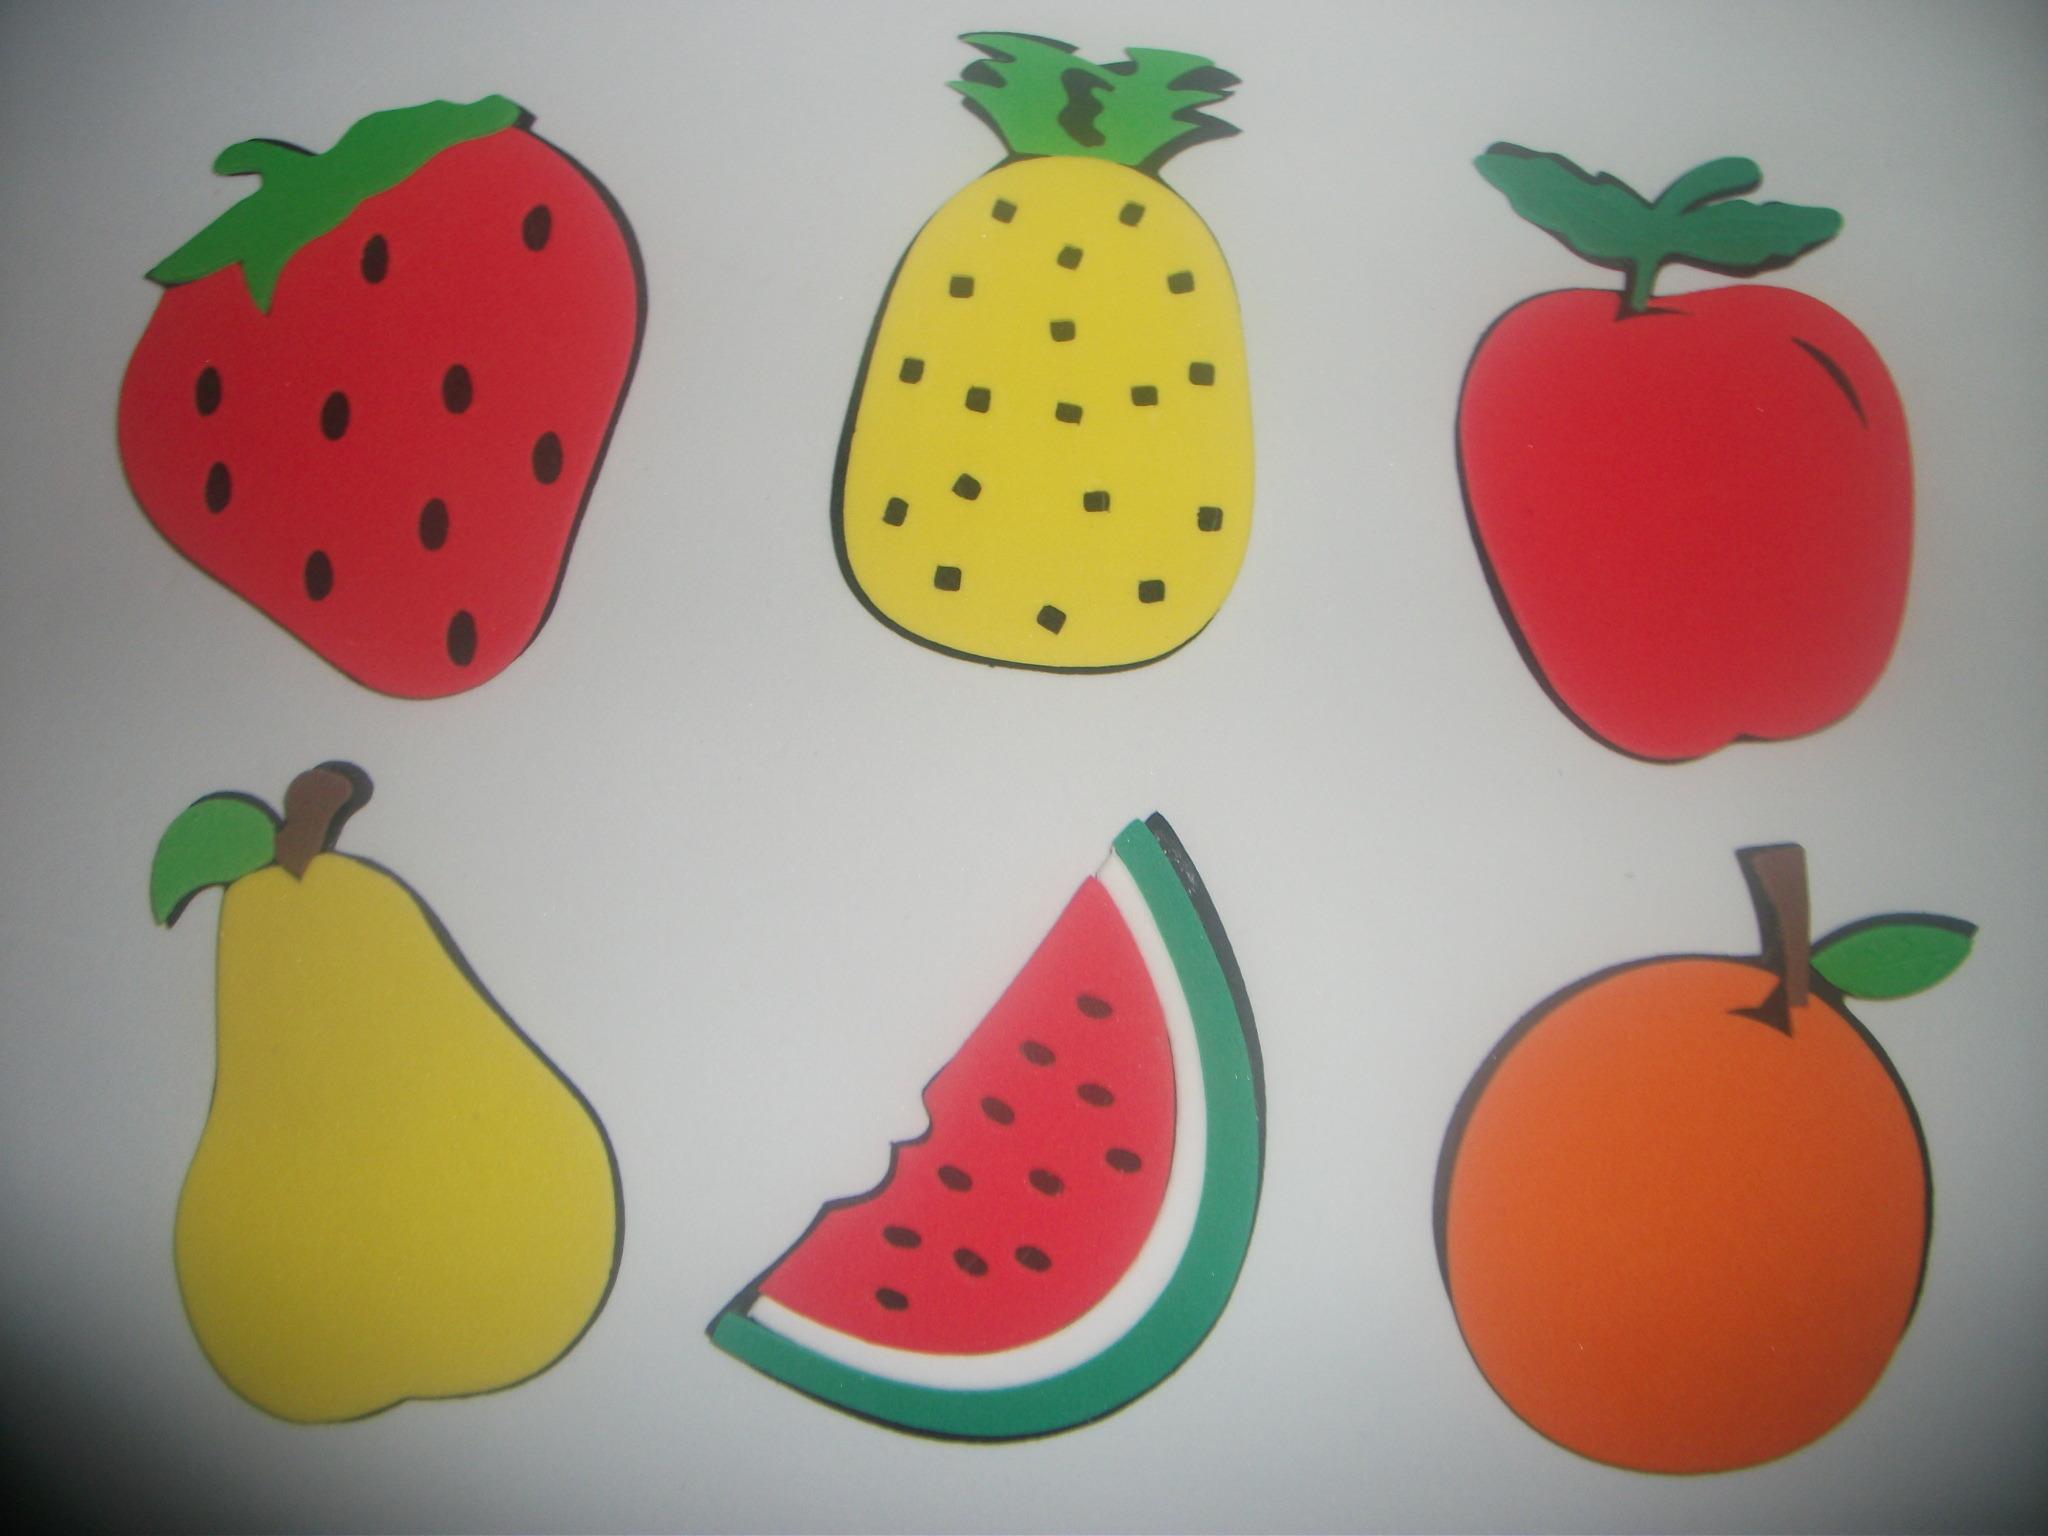 apliques de frutas feita em eva apliques de frutas feita em eva